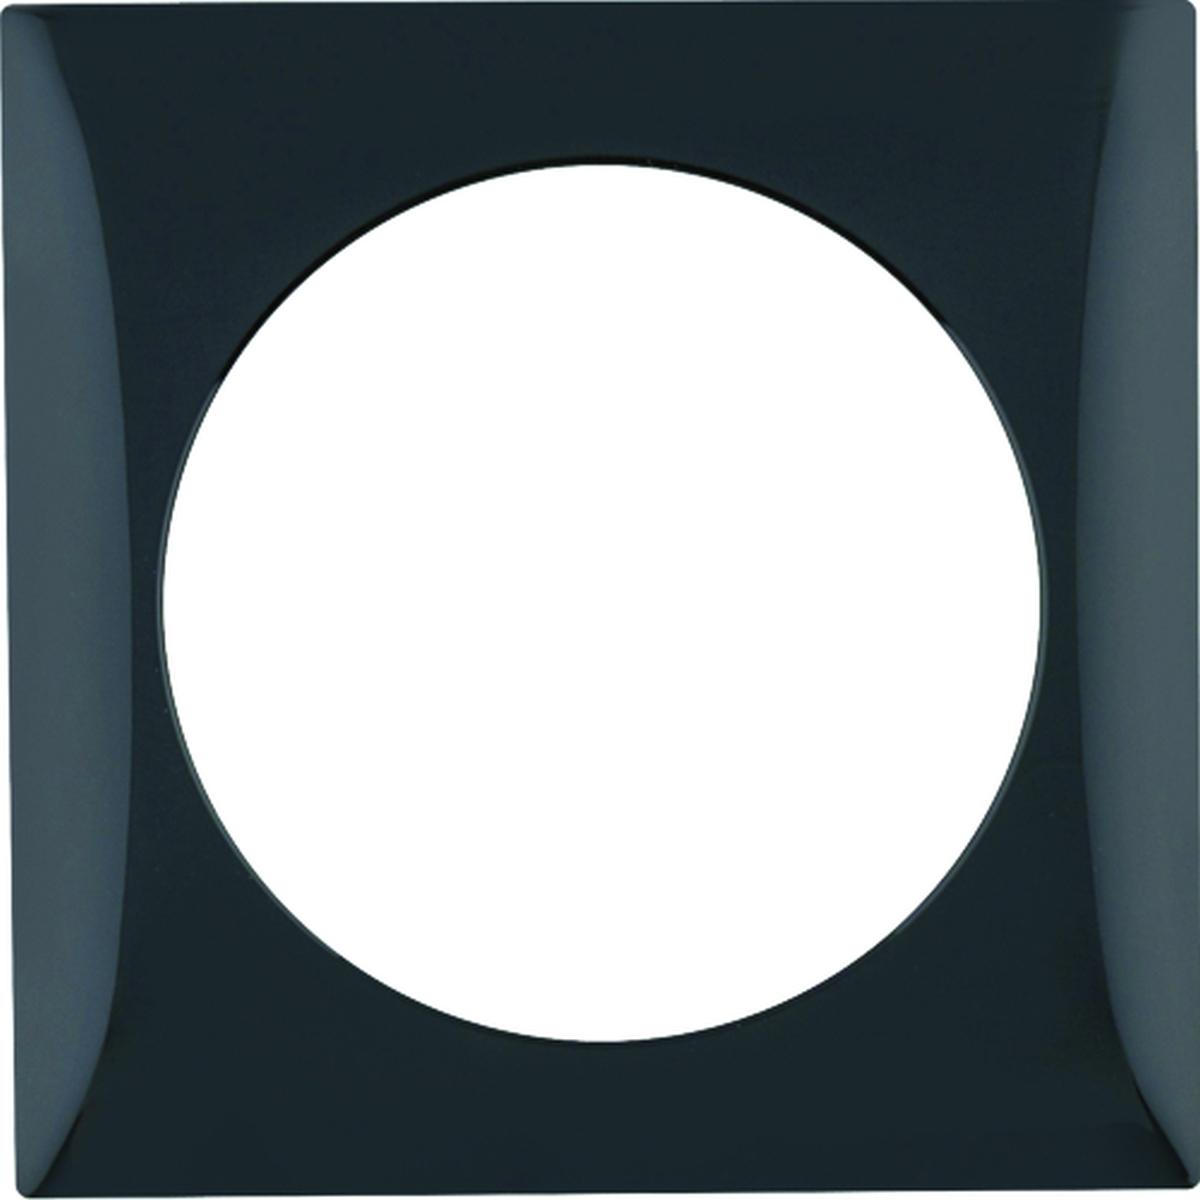 Berker Rahmen 1-fach INTEGRO schwarz